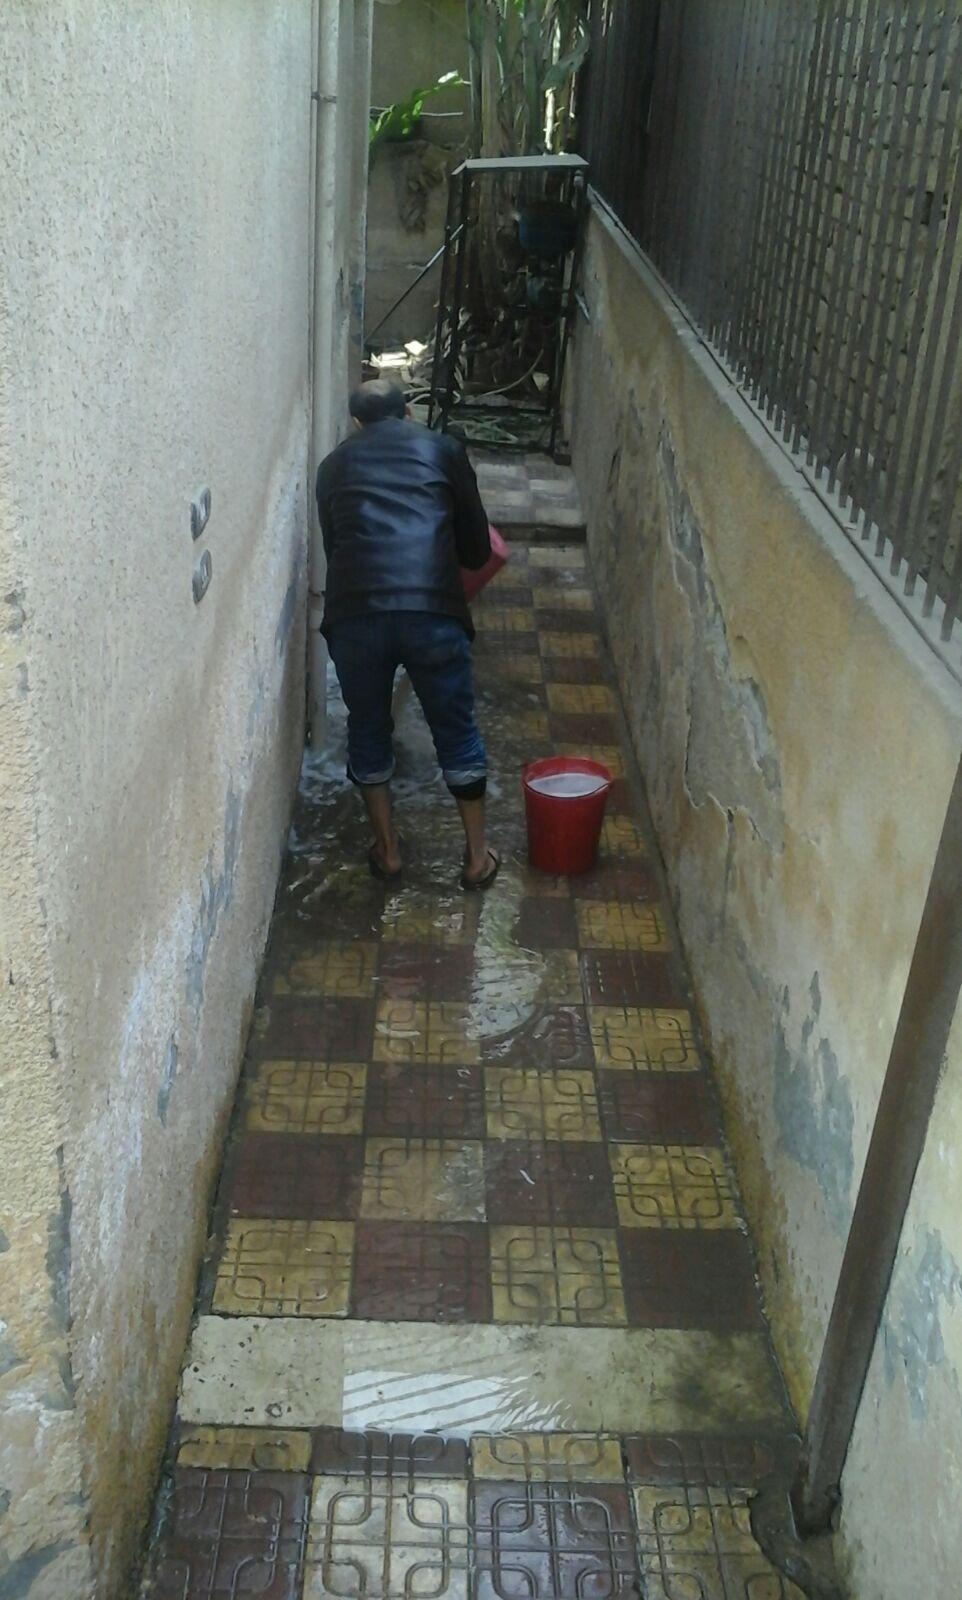 طالبة ترصد إهمال الوحدة الصحية بالكوم الأخضر.. وطفح المياه